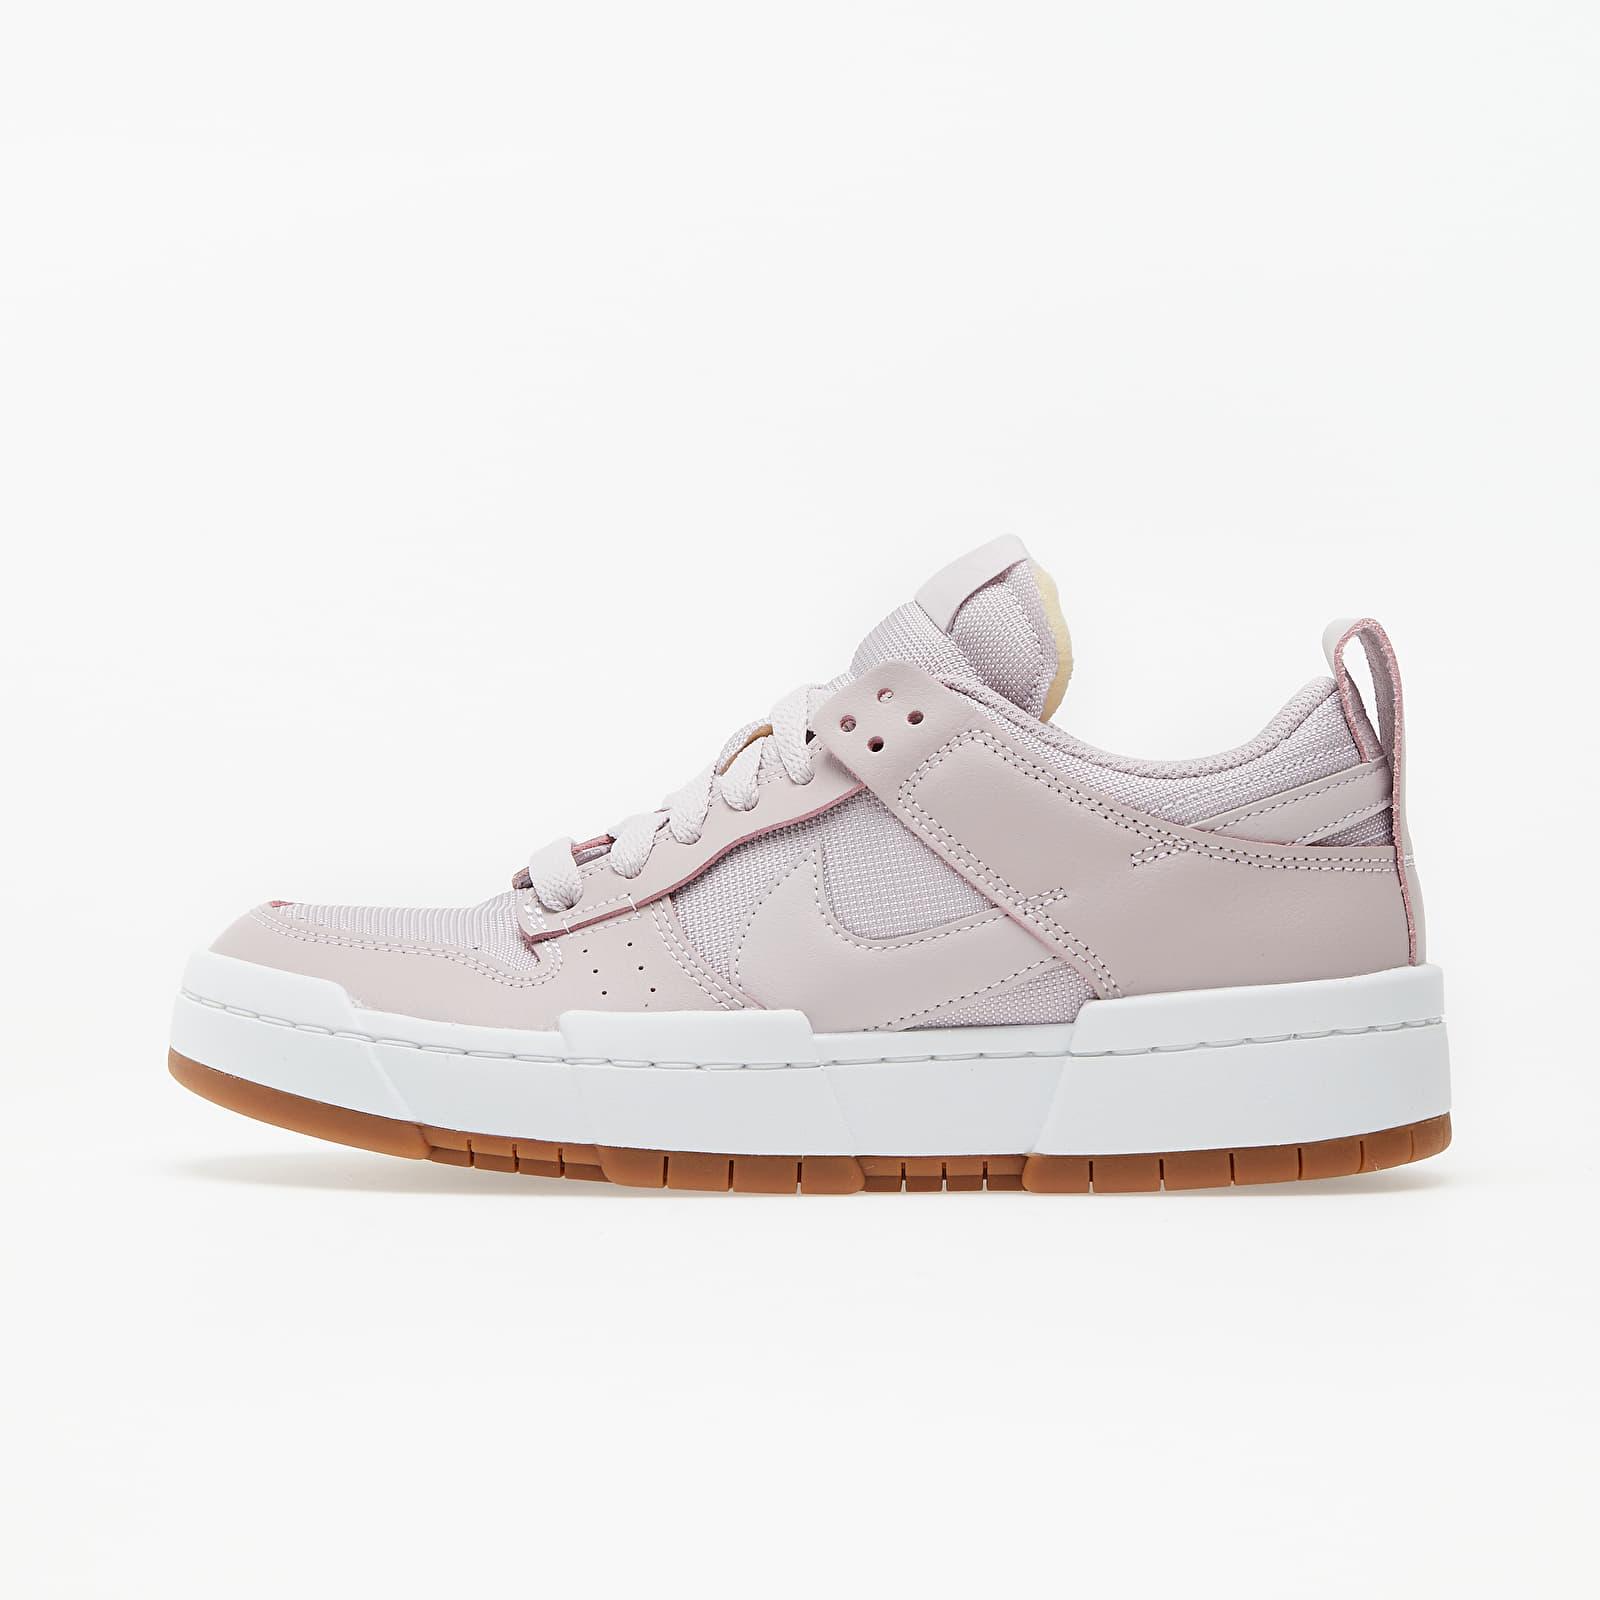 Nike W Dunk Low Disrupt Platinum Violet/ Platinum Violet CK6654-003